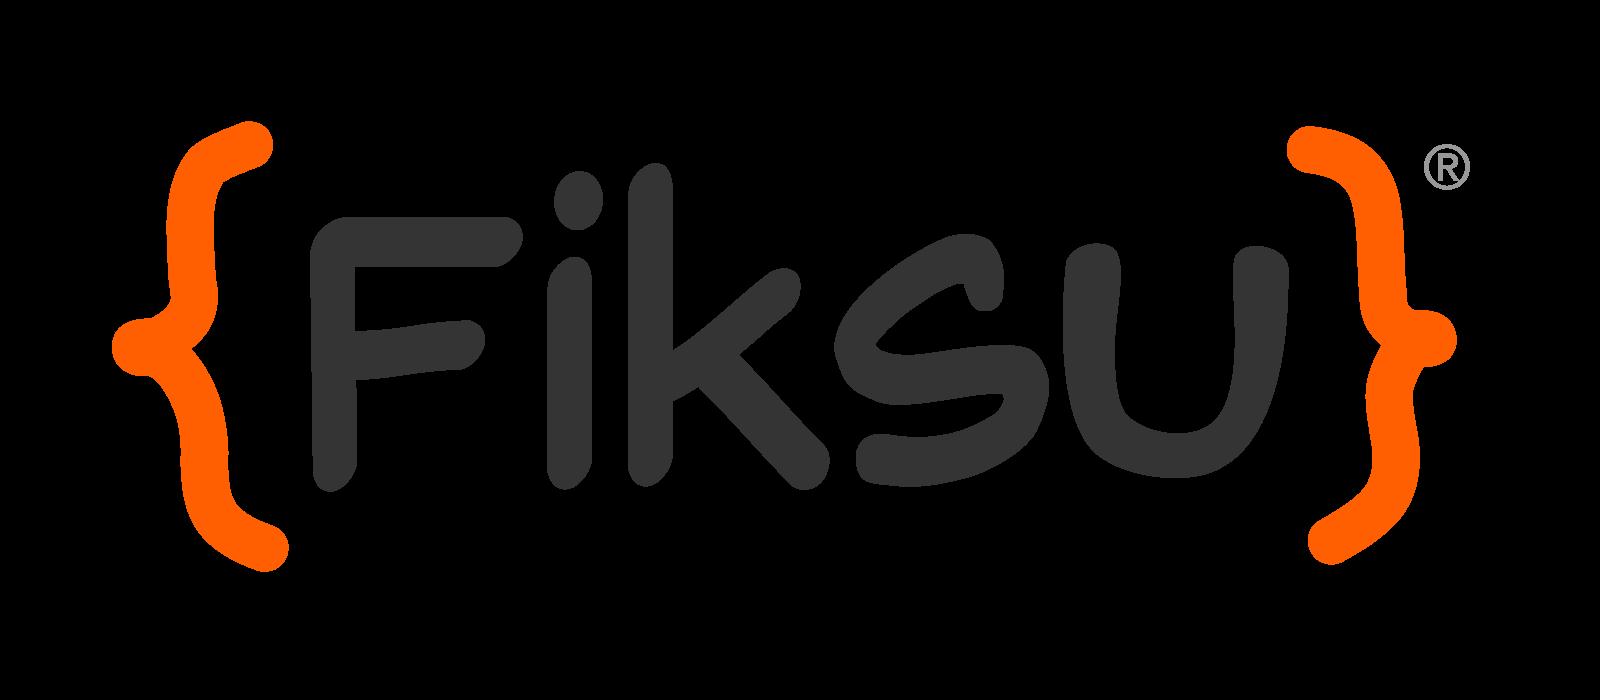 fiksu-logo-large-color.png